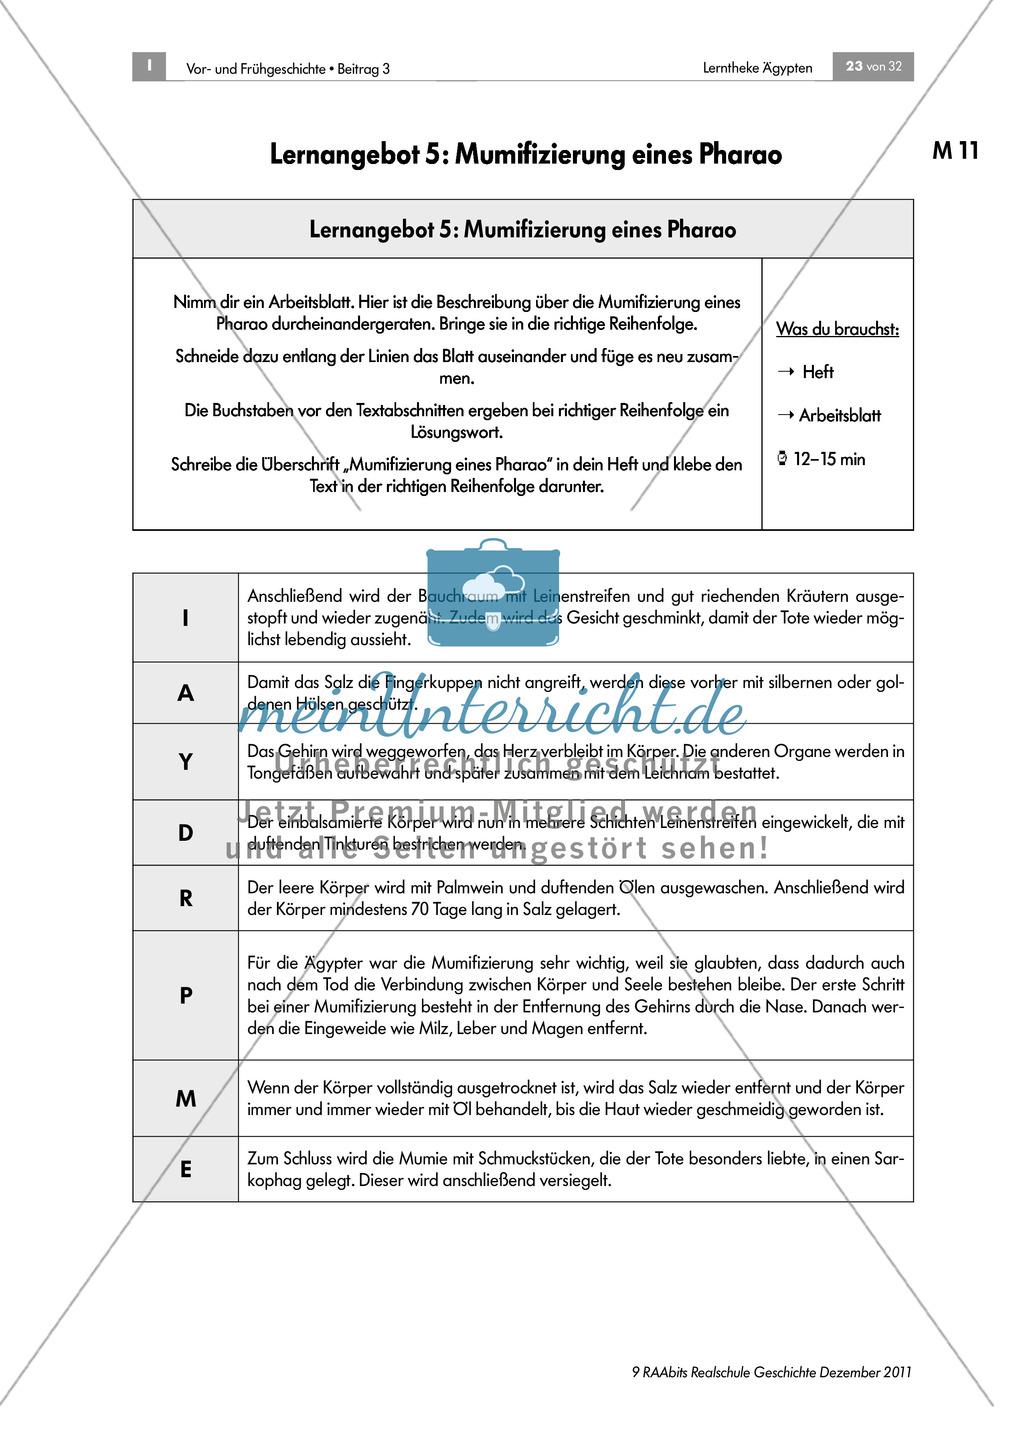 Mumifizierung eines Pharao + didaktische Hinweise - meinUnterricht